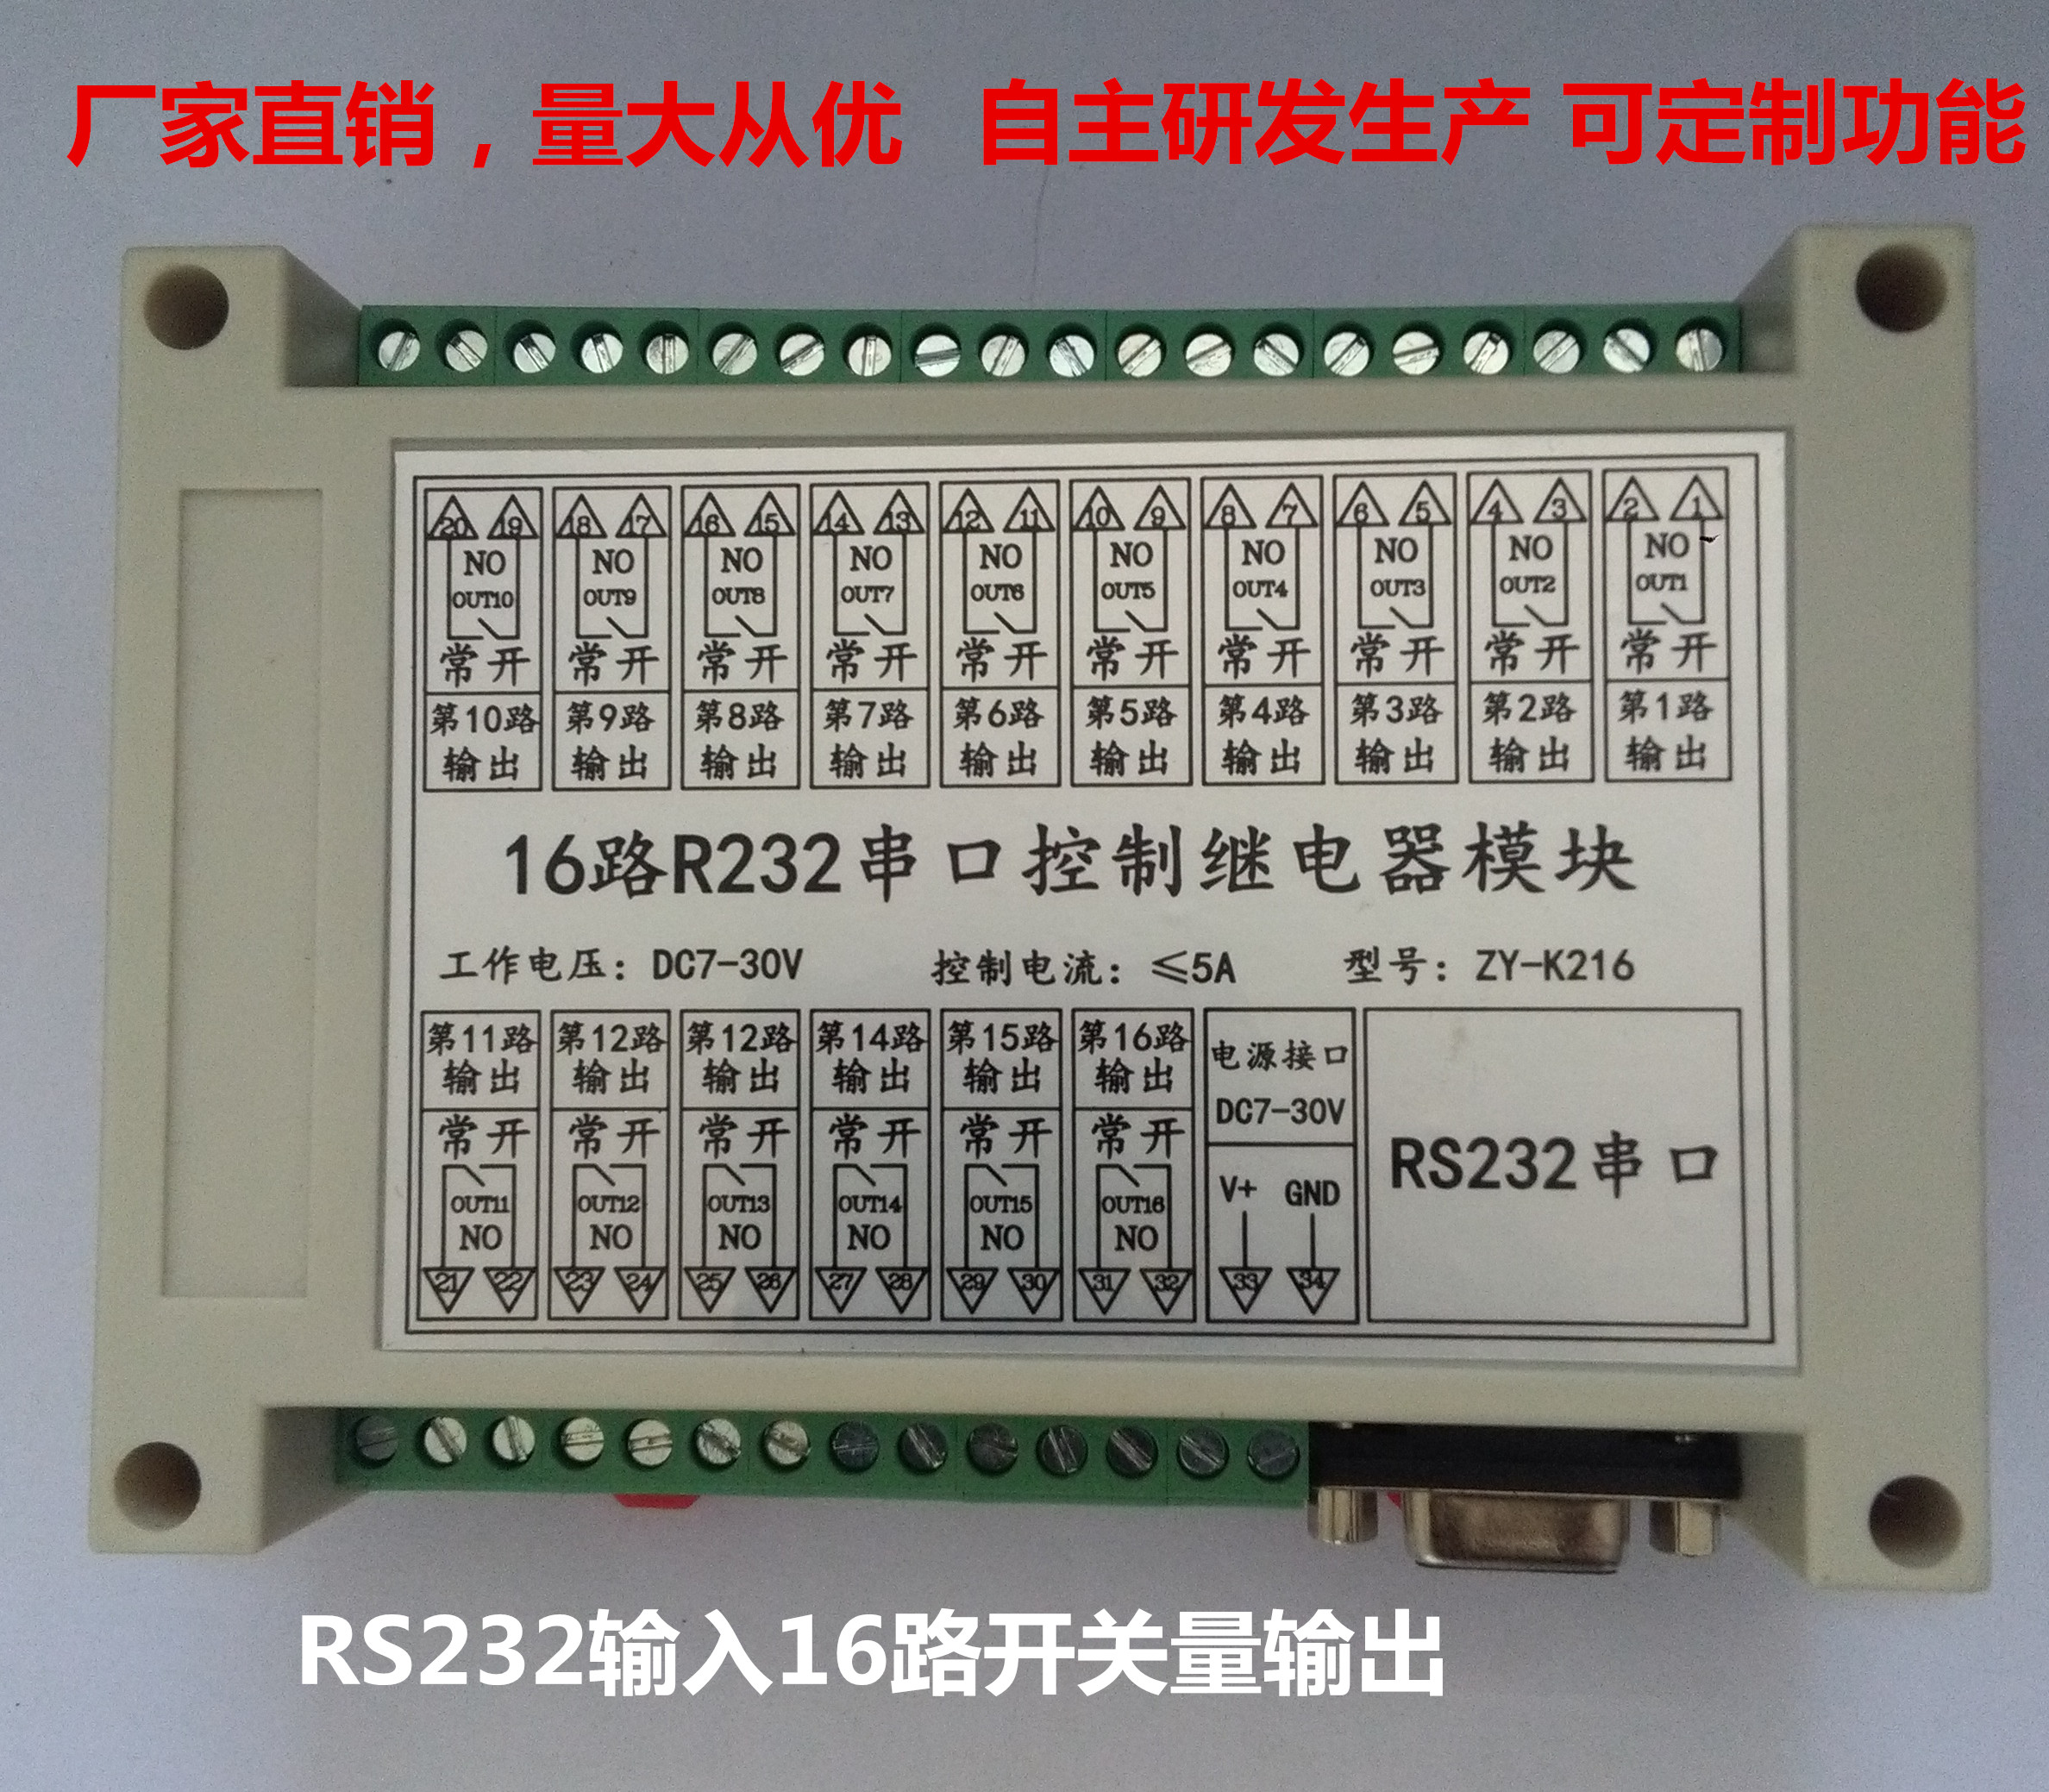 Zy k216 переключатель управления последовательным портом RS232 управление s 16 способ релейный модуль промышленный переключатель управления с из